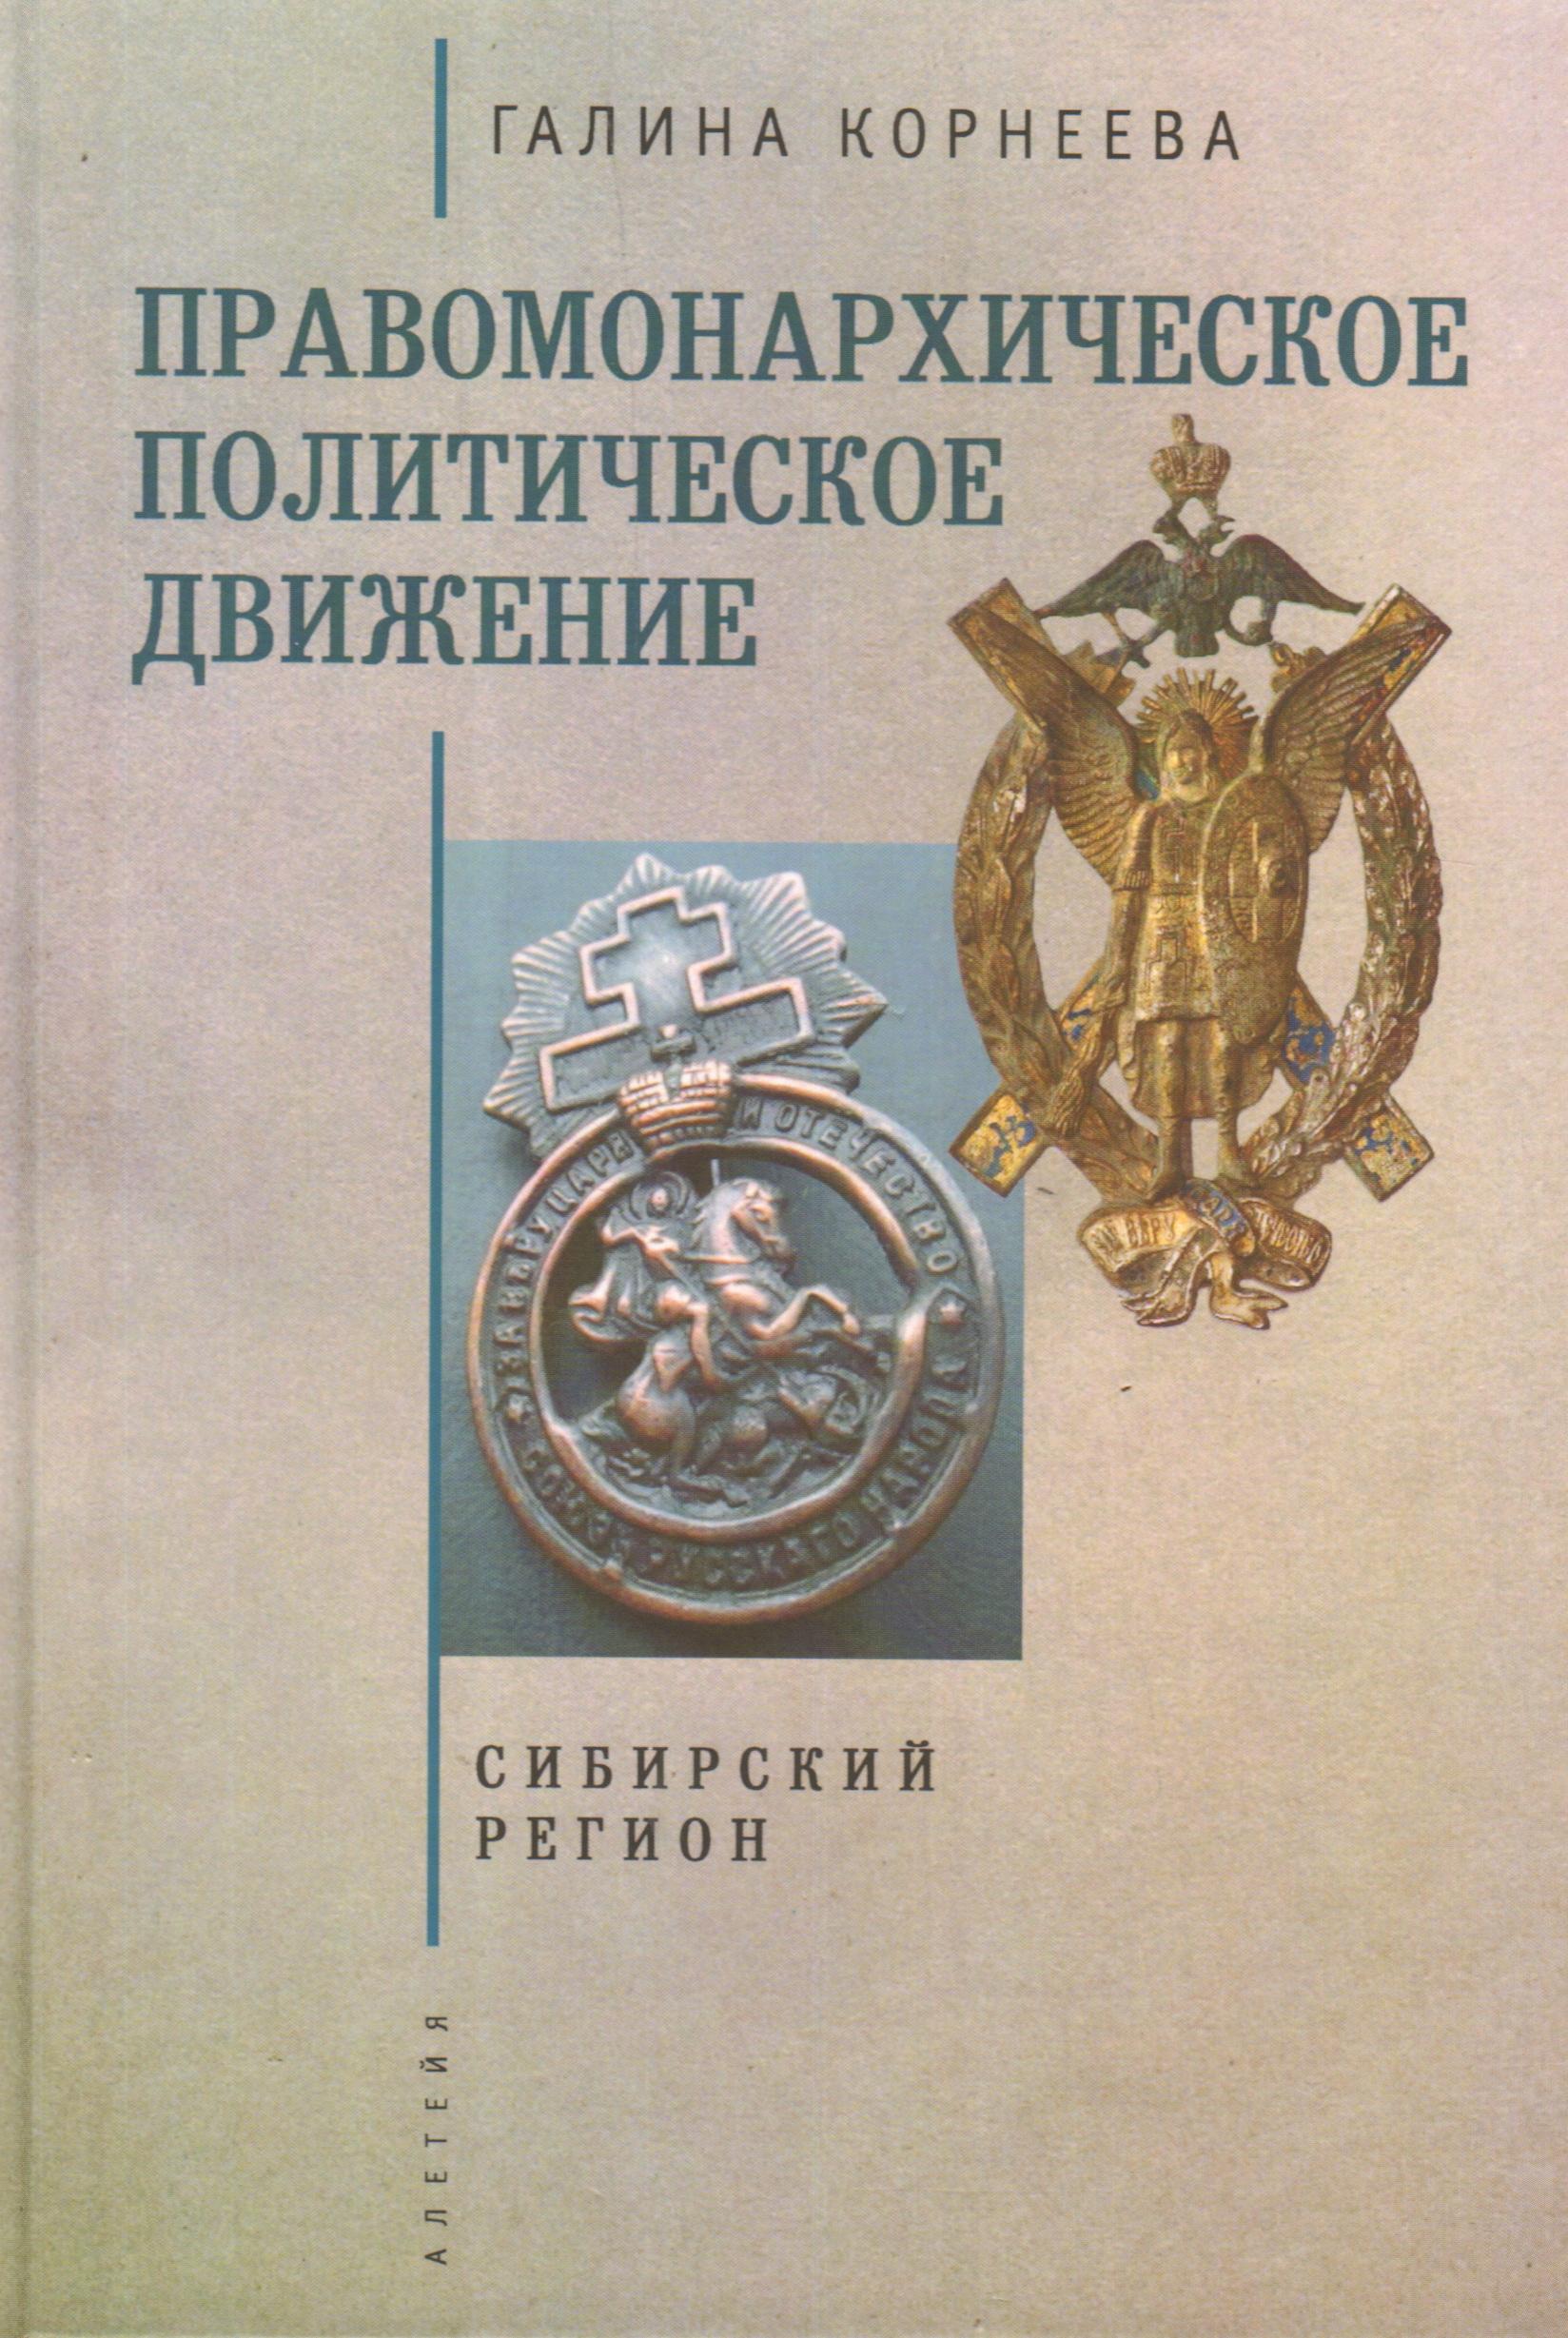 Правомонархическое политическое движение в современных исследованиях историков: Сибирский регион